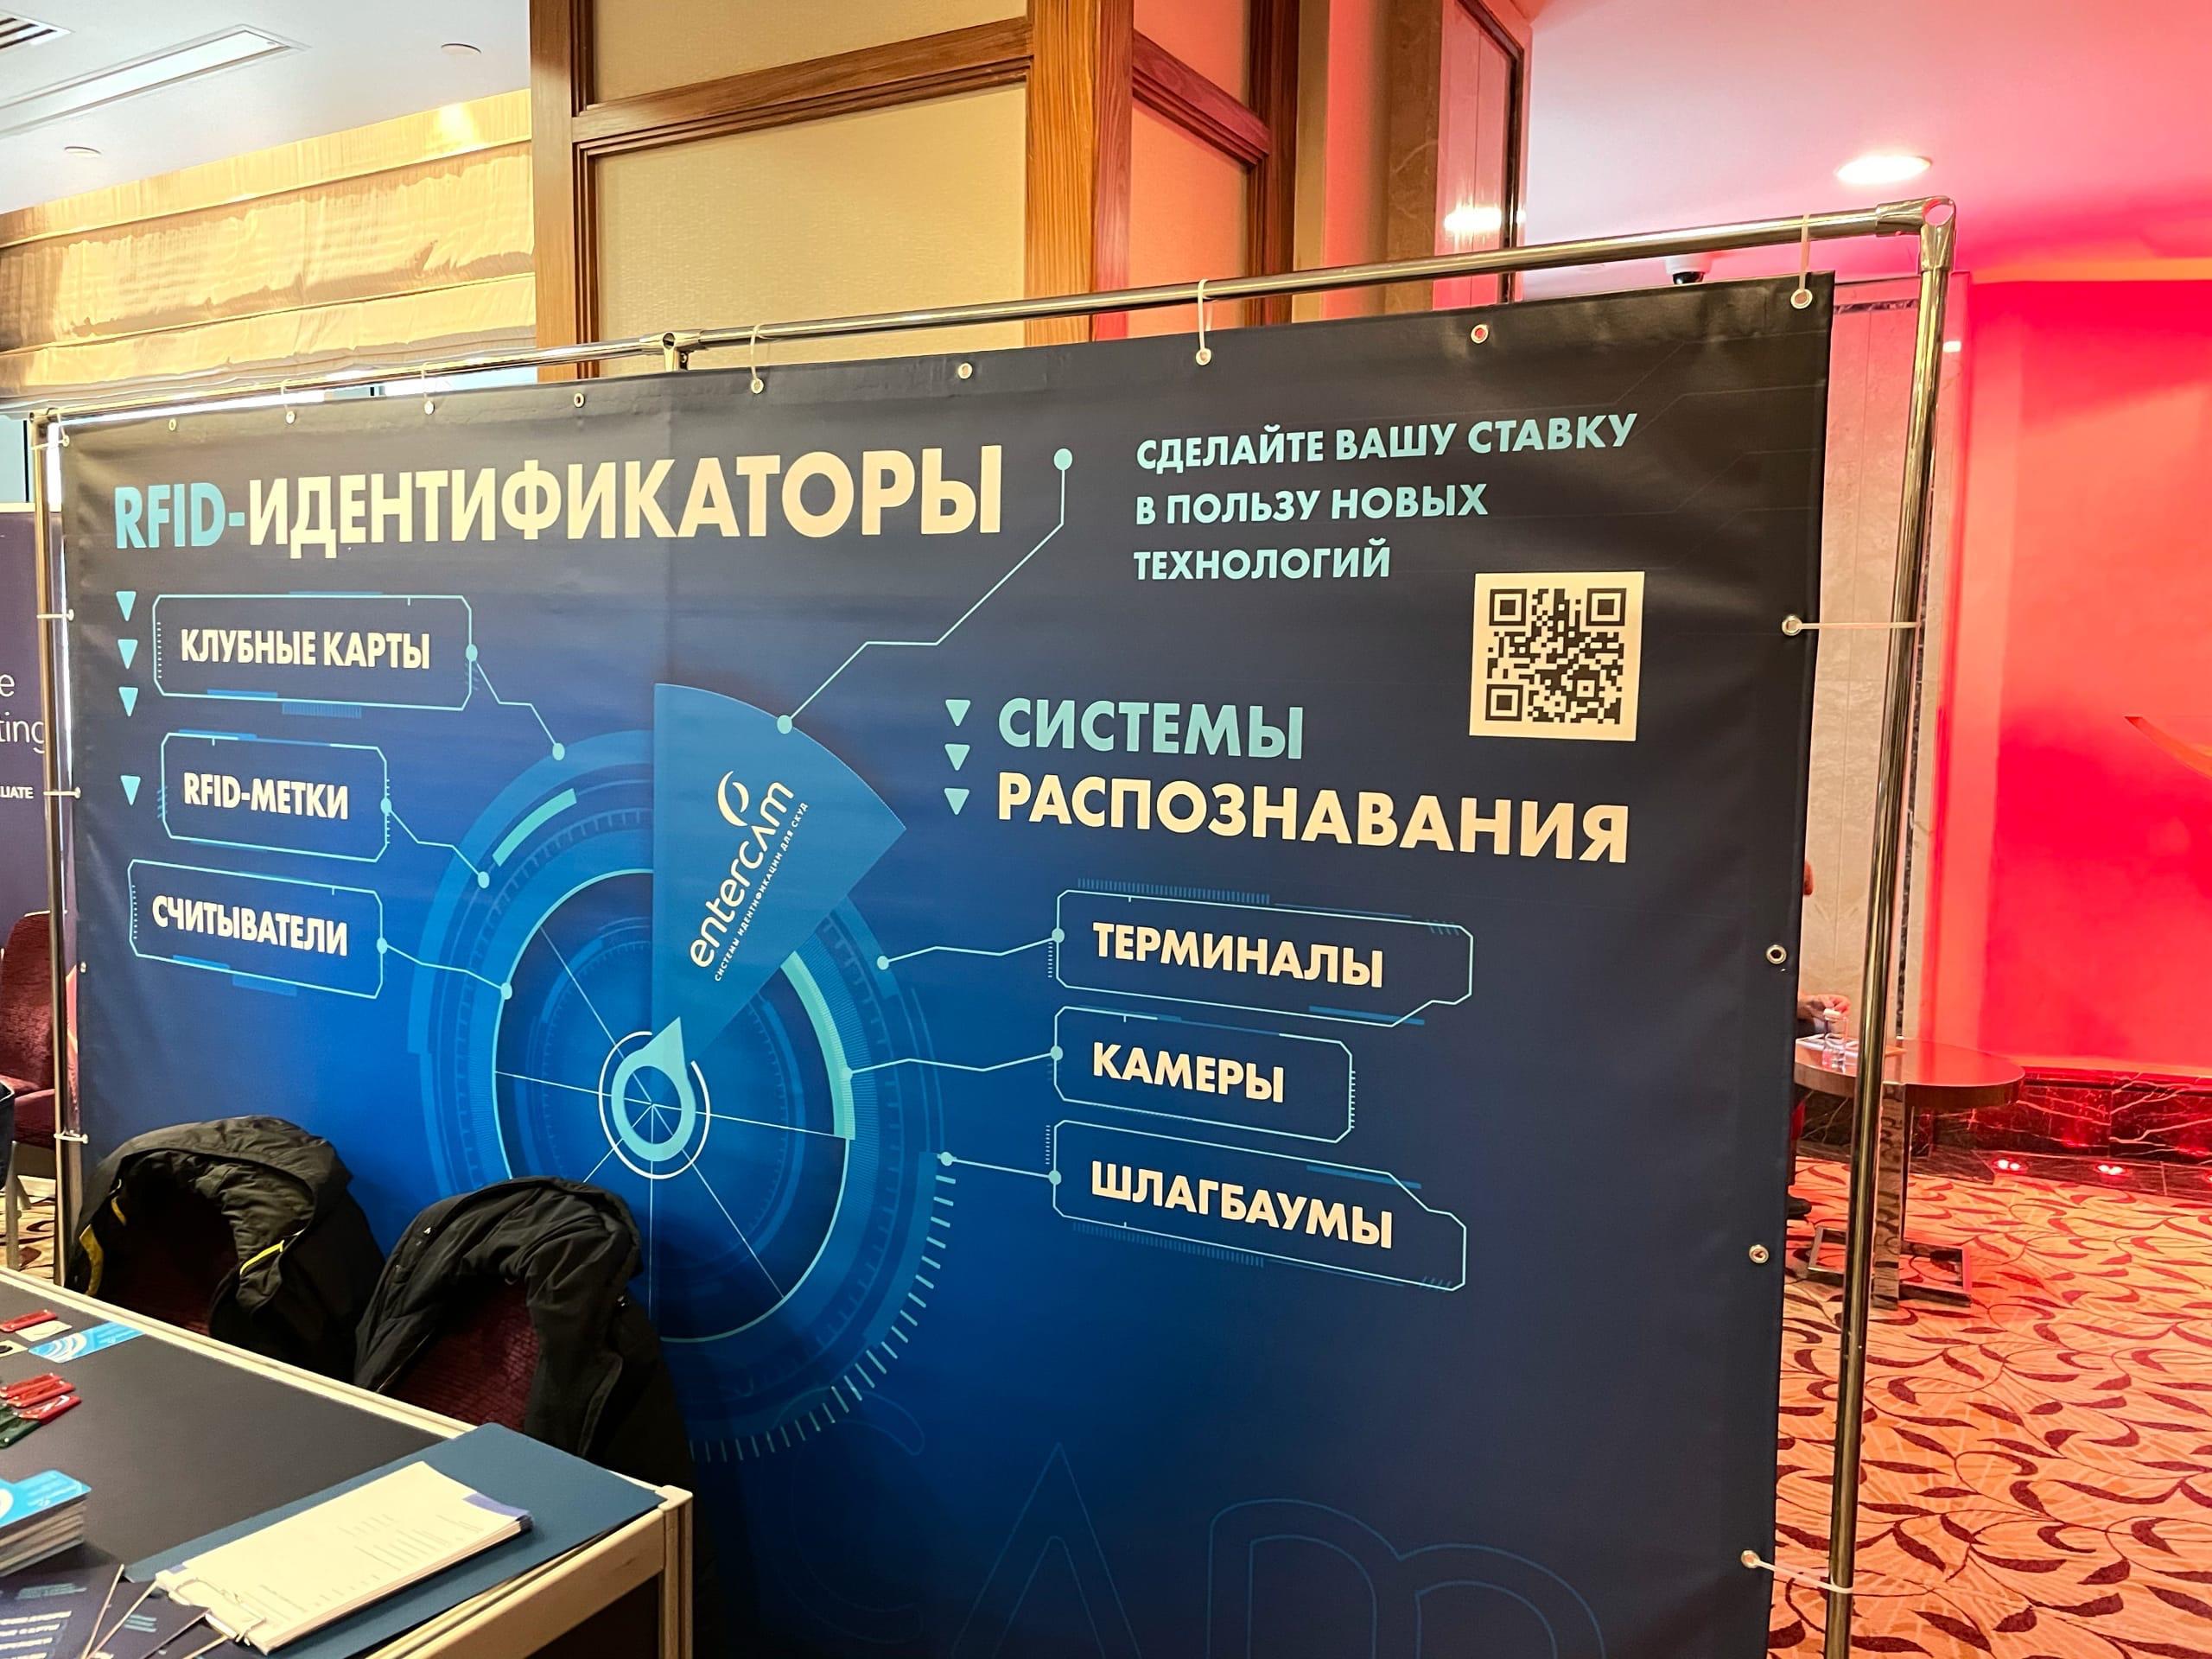 Russian Gaming Week